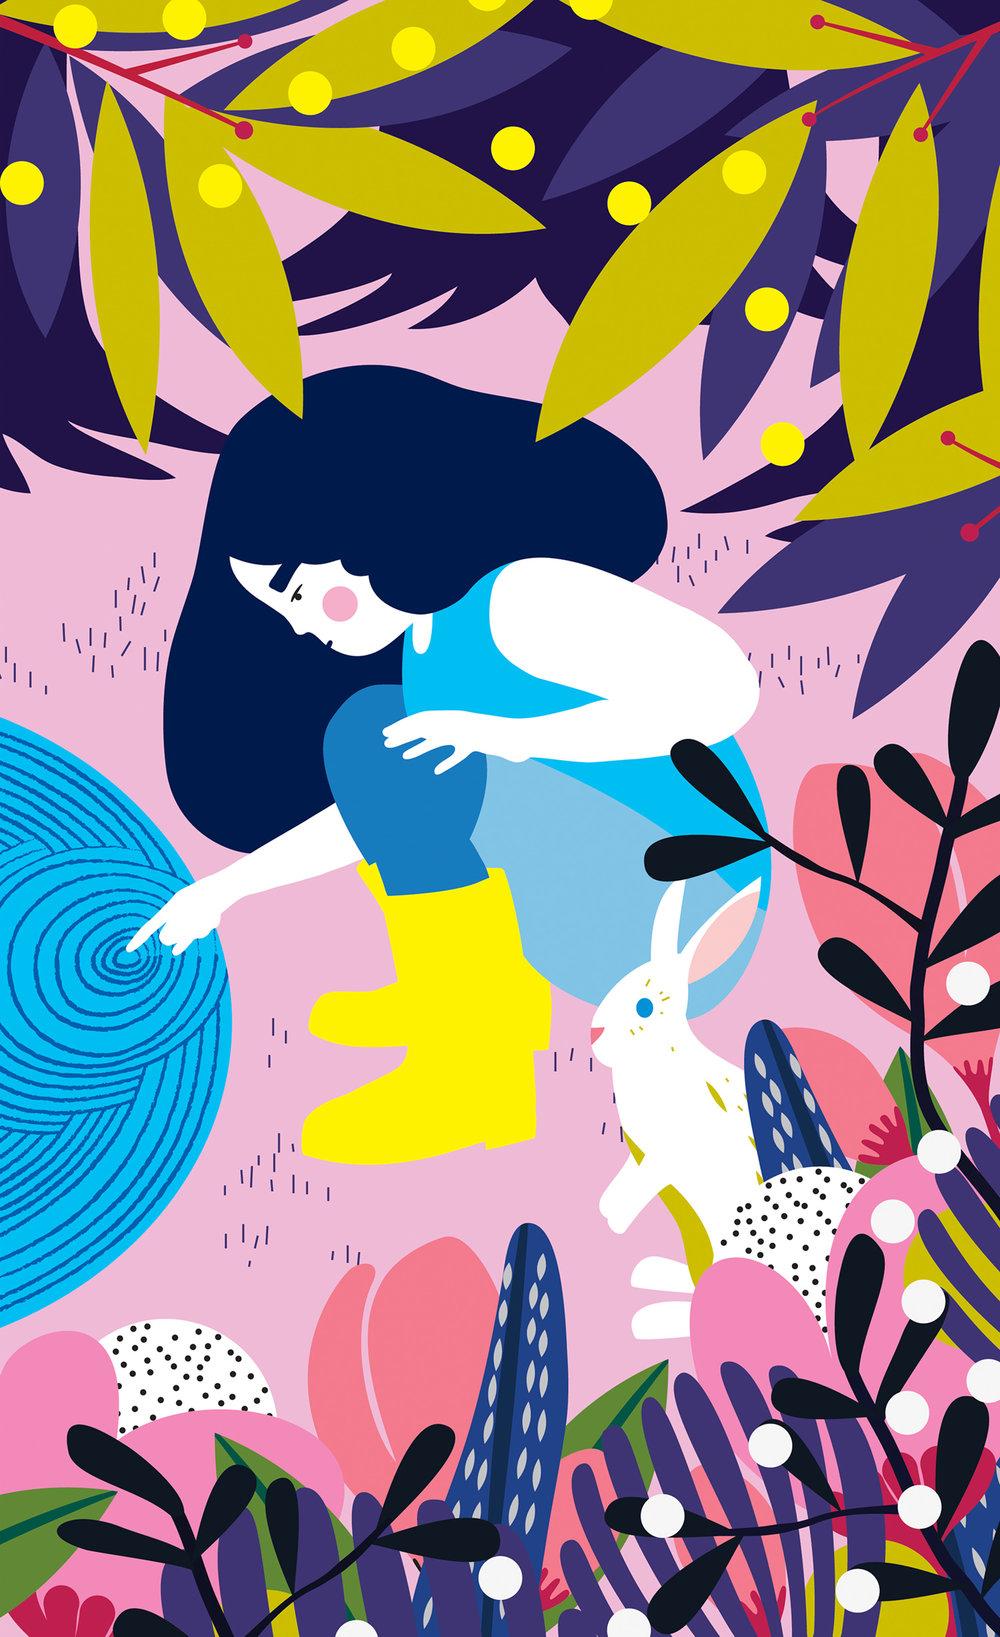 Children's illustration of girl with rabbit